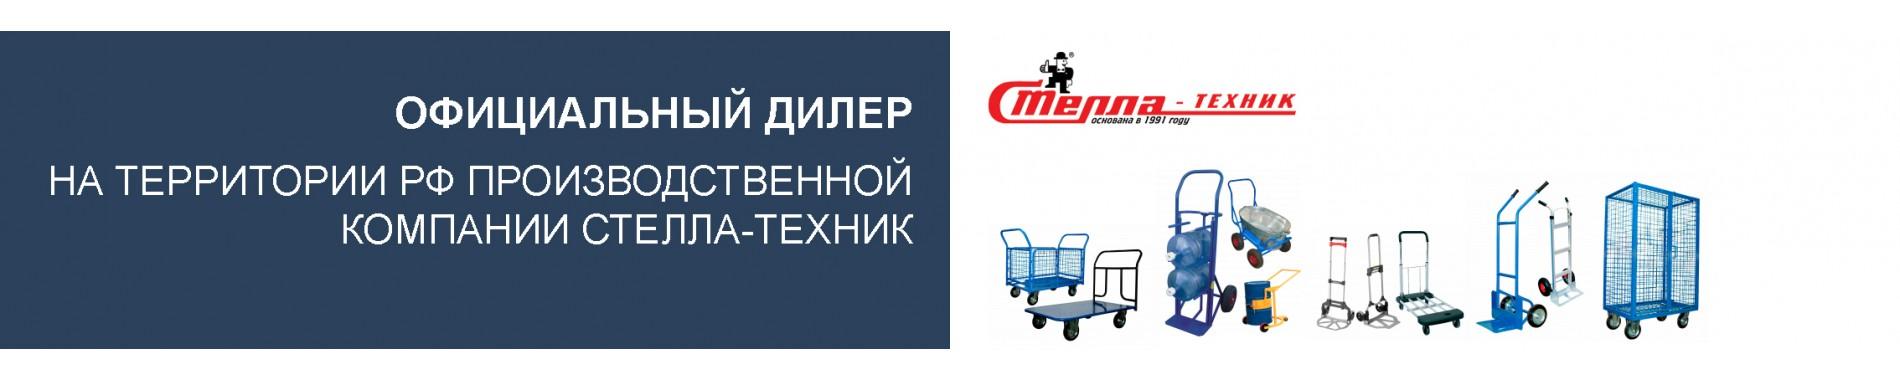 Официальный дилер Стелла-Техник